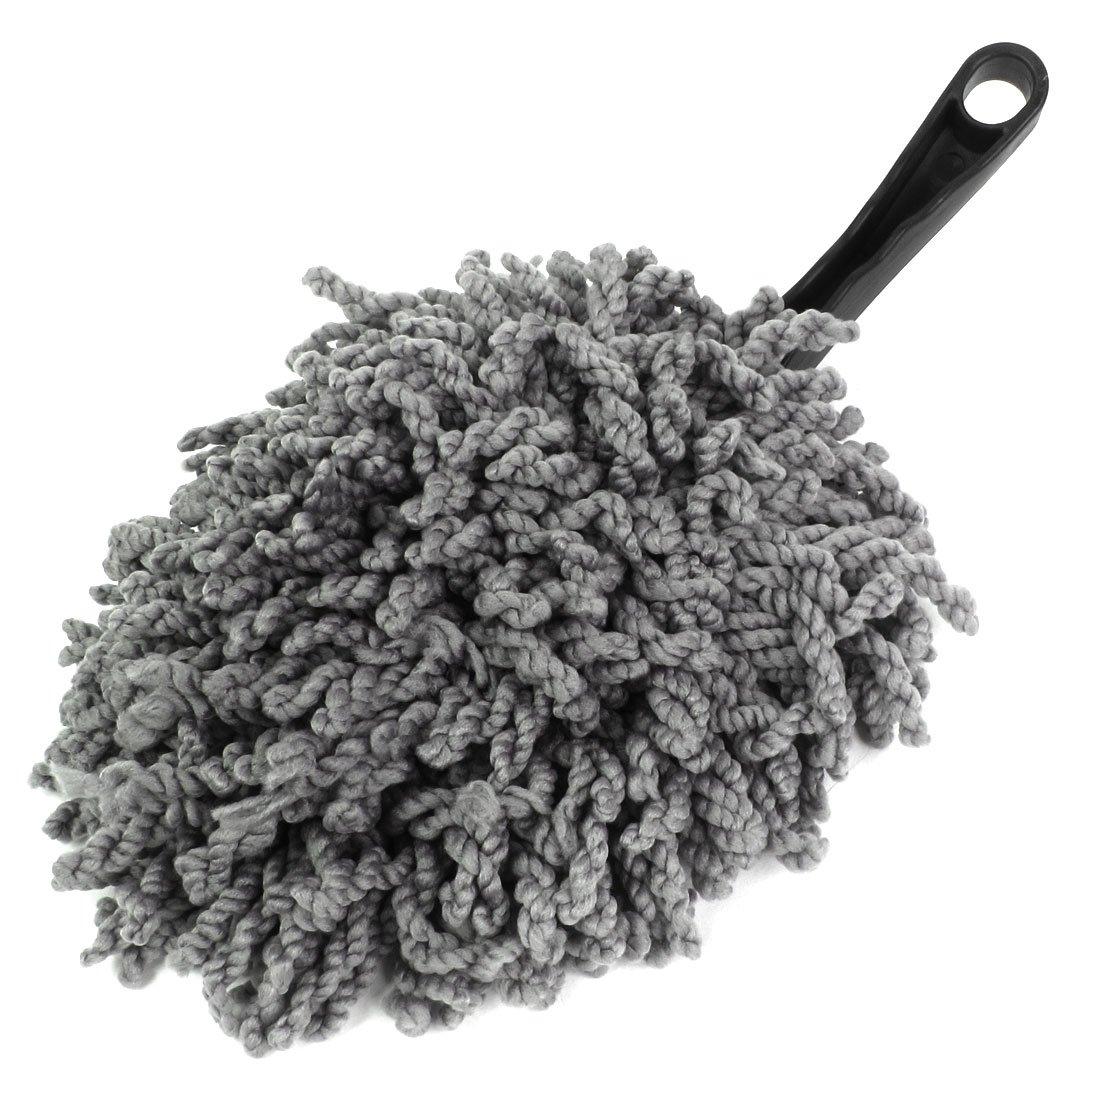 Plumeau attrape-poussiè re pour nettoyage Clean Brosse de balai dé poussié rant outil-Gris Sourcingmap a14071500ux0328